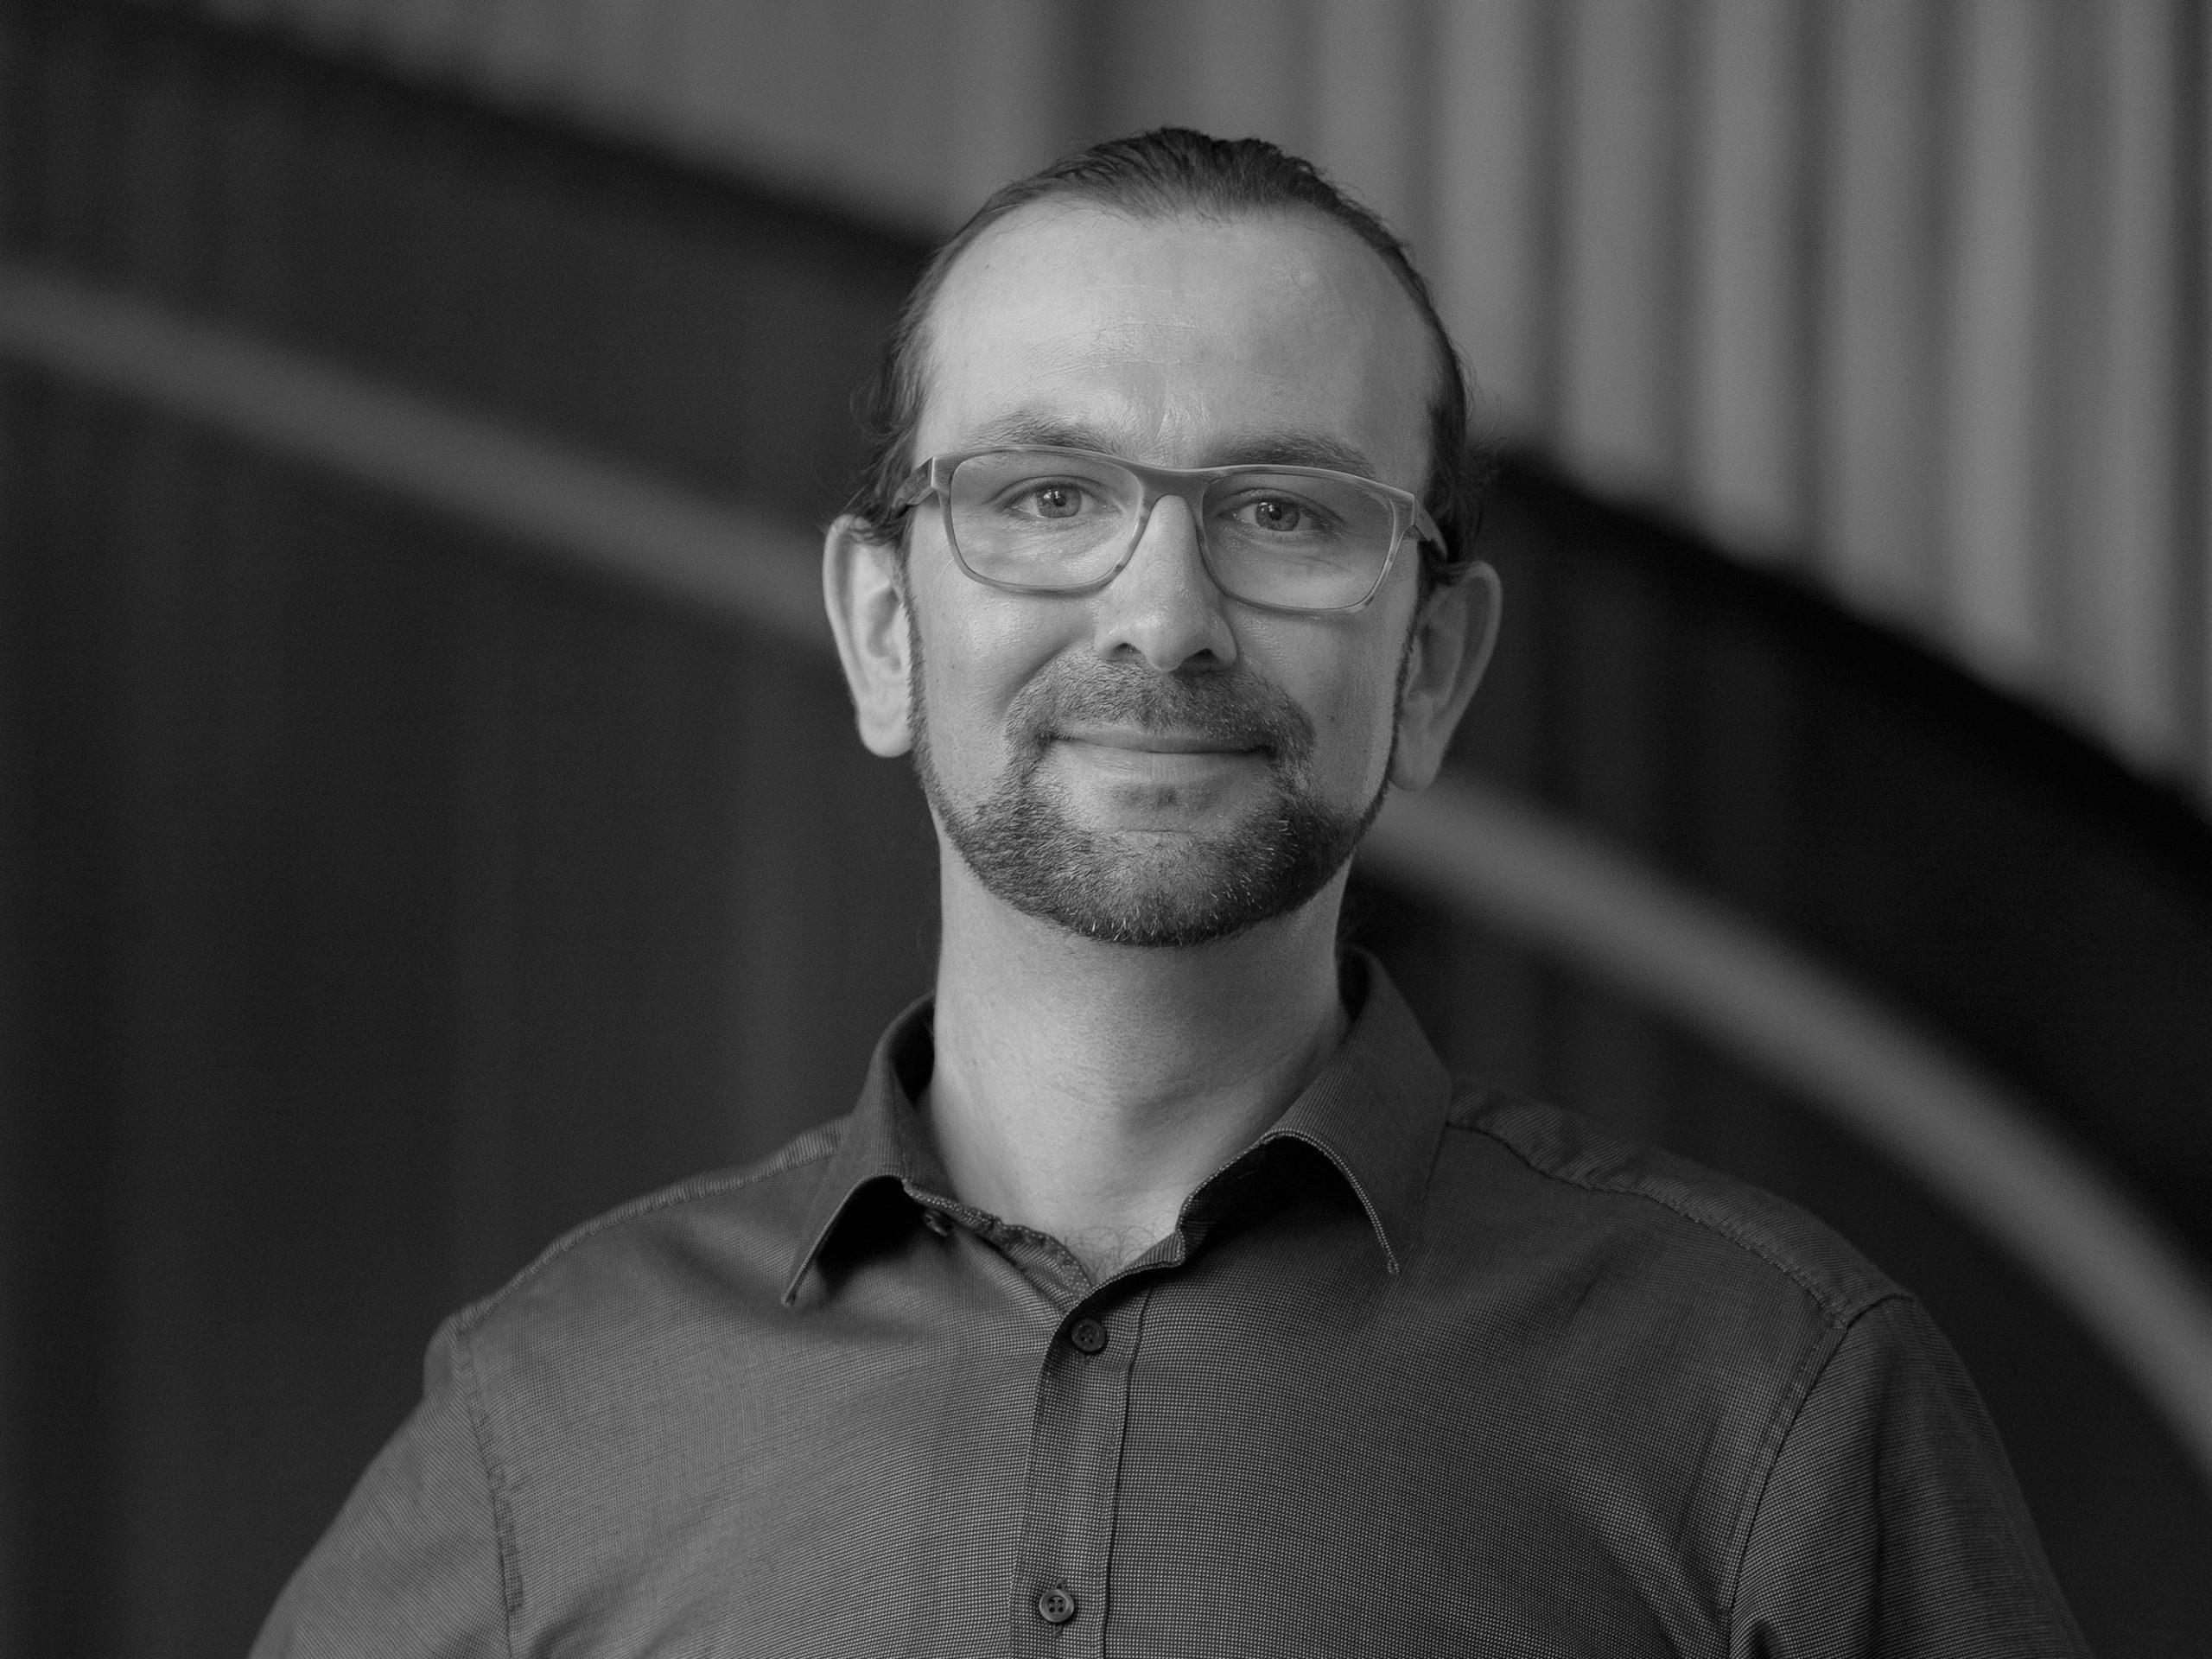 Torsten Stolt, Data & Analytics Director